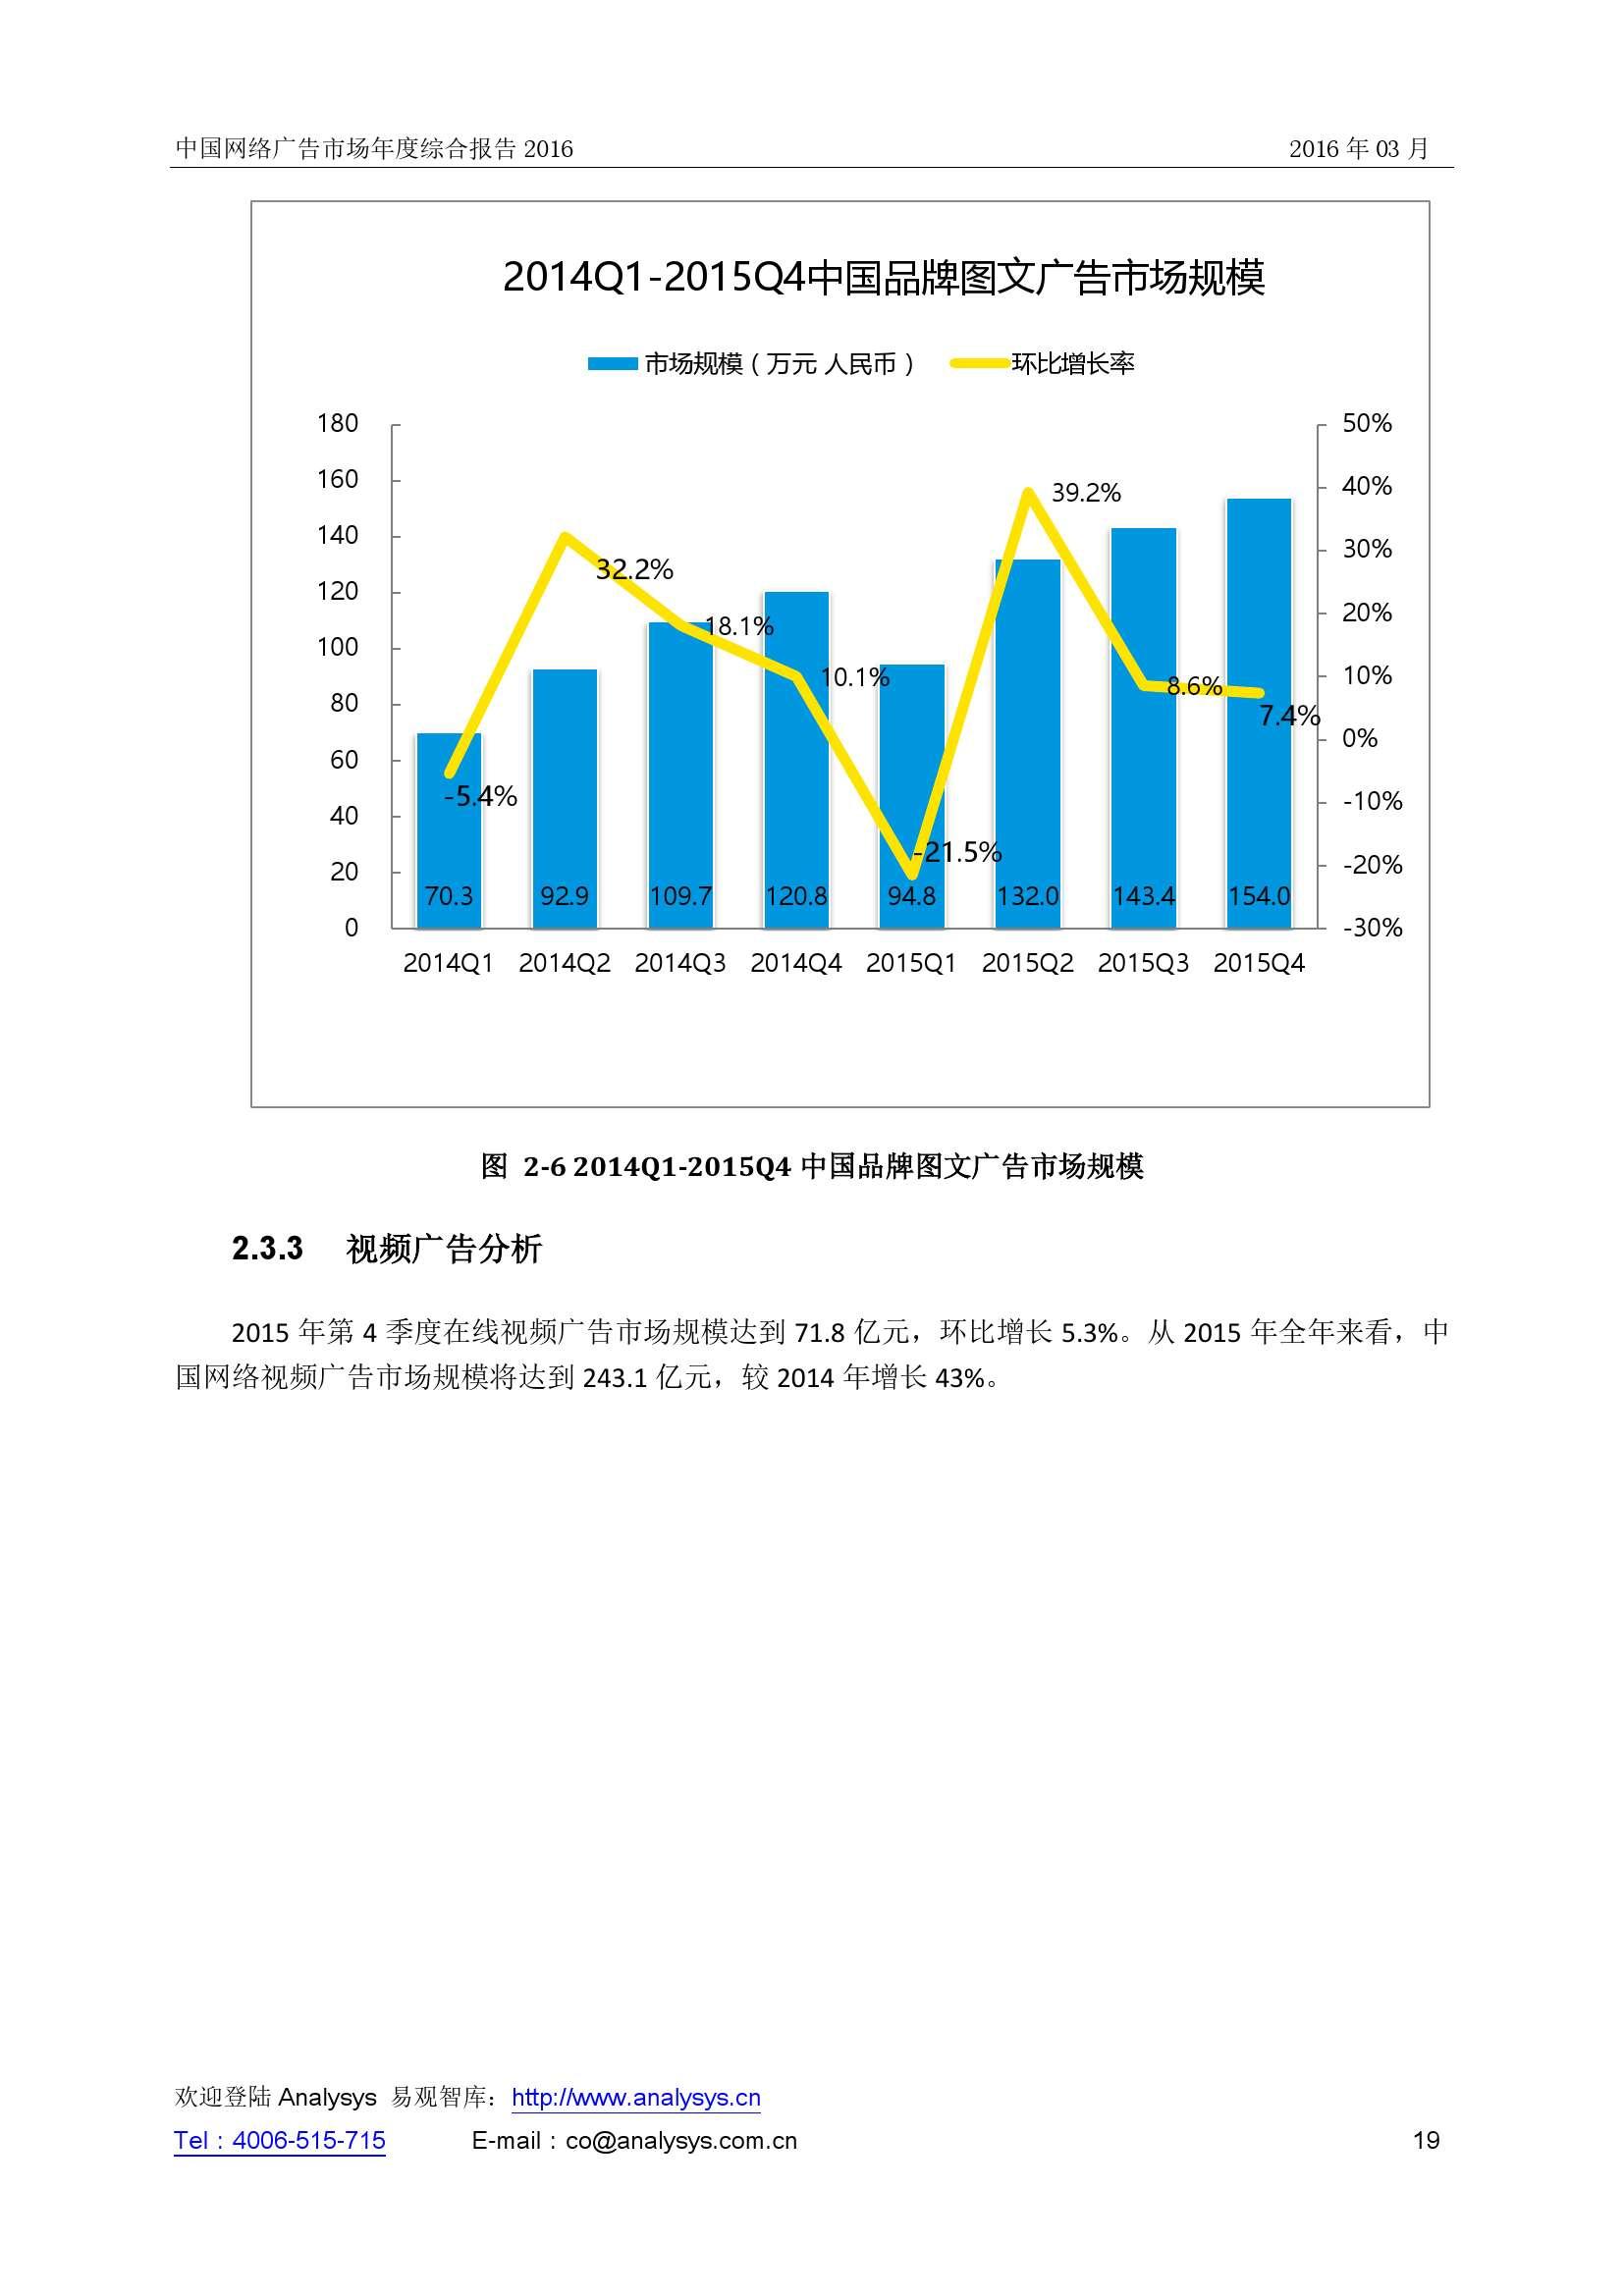 中国网络广告市场年度综合报告2016_000019